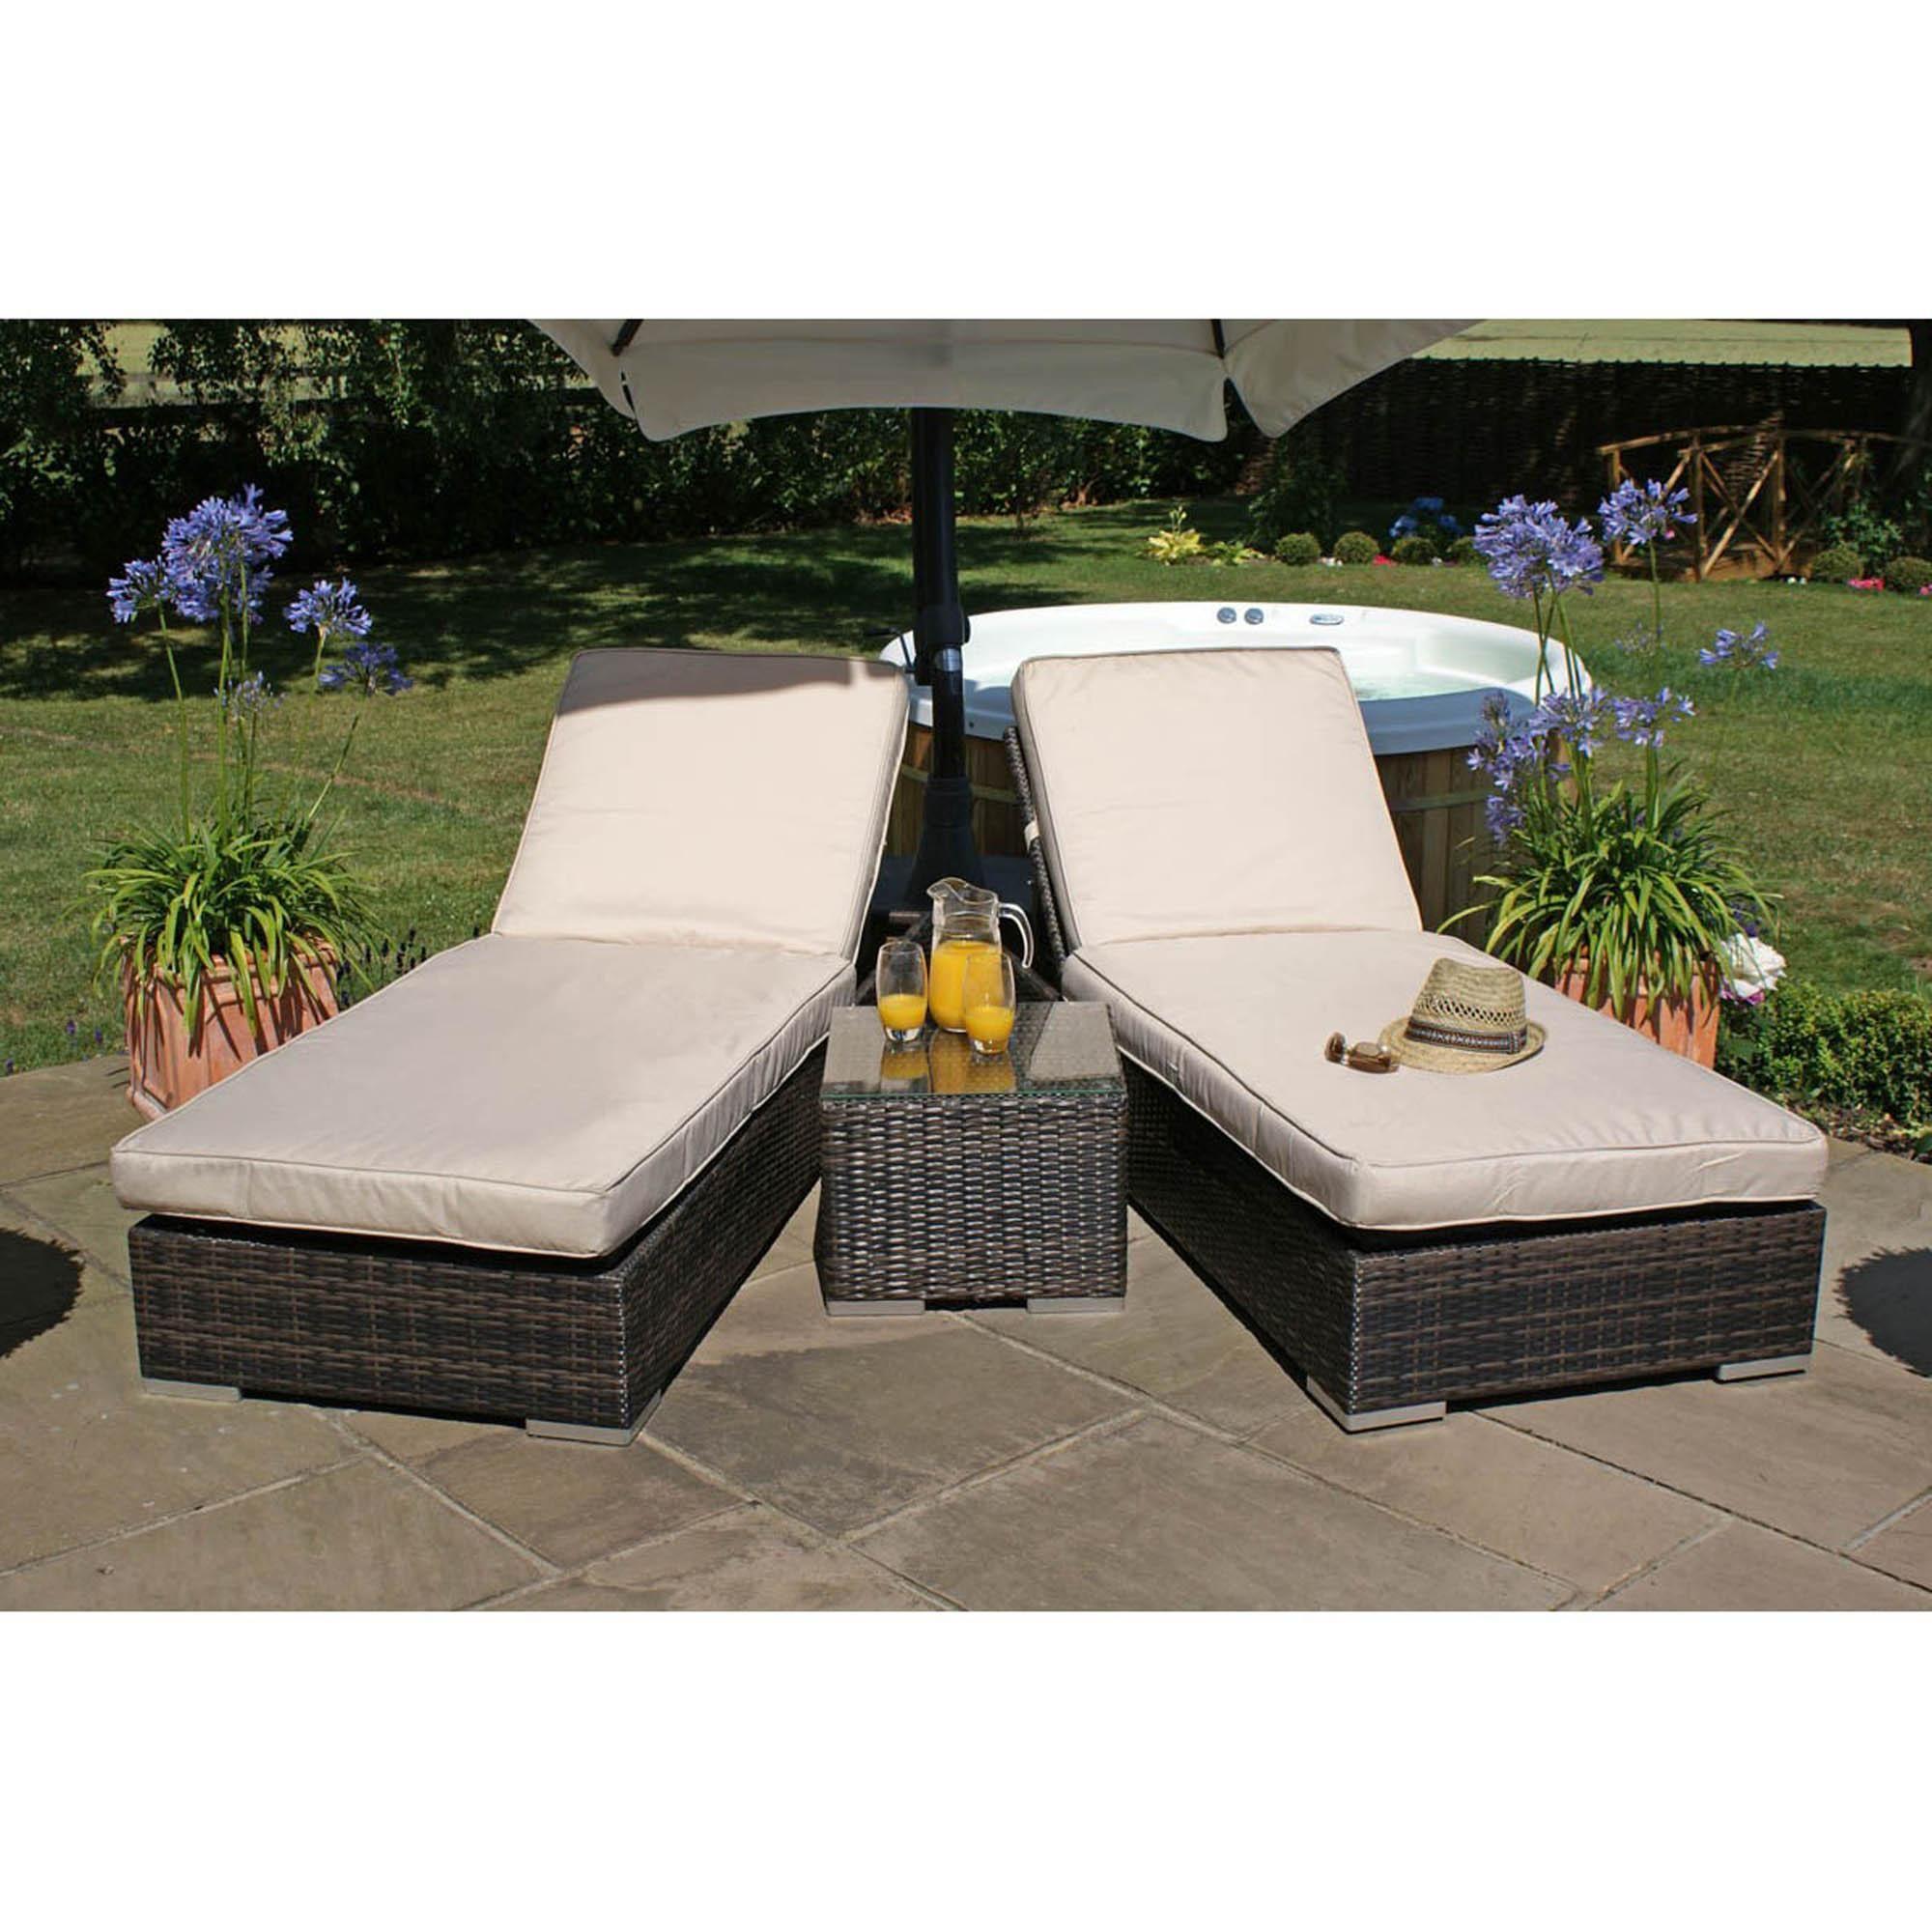 Relaxing Garden Loungers Sun Lounger Rattan Garden Furniture